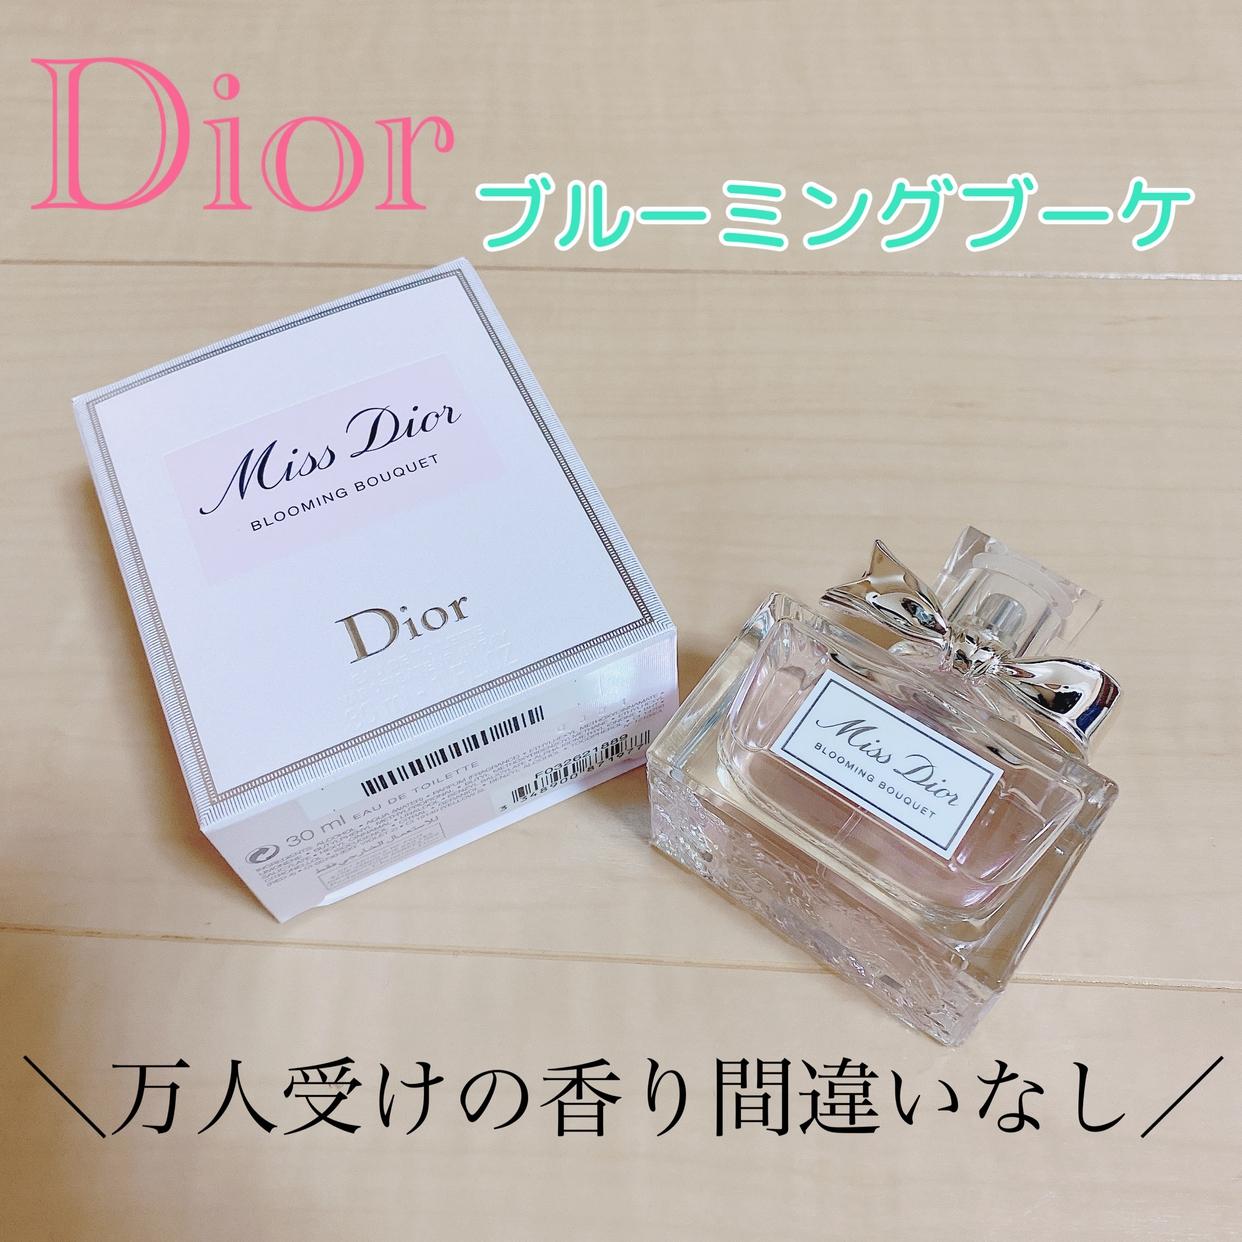 Dior(ディオール)ミス ディオールを使ったMana *さんのクチコミ画像